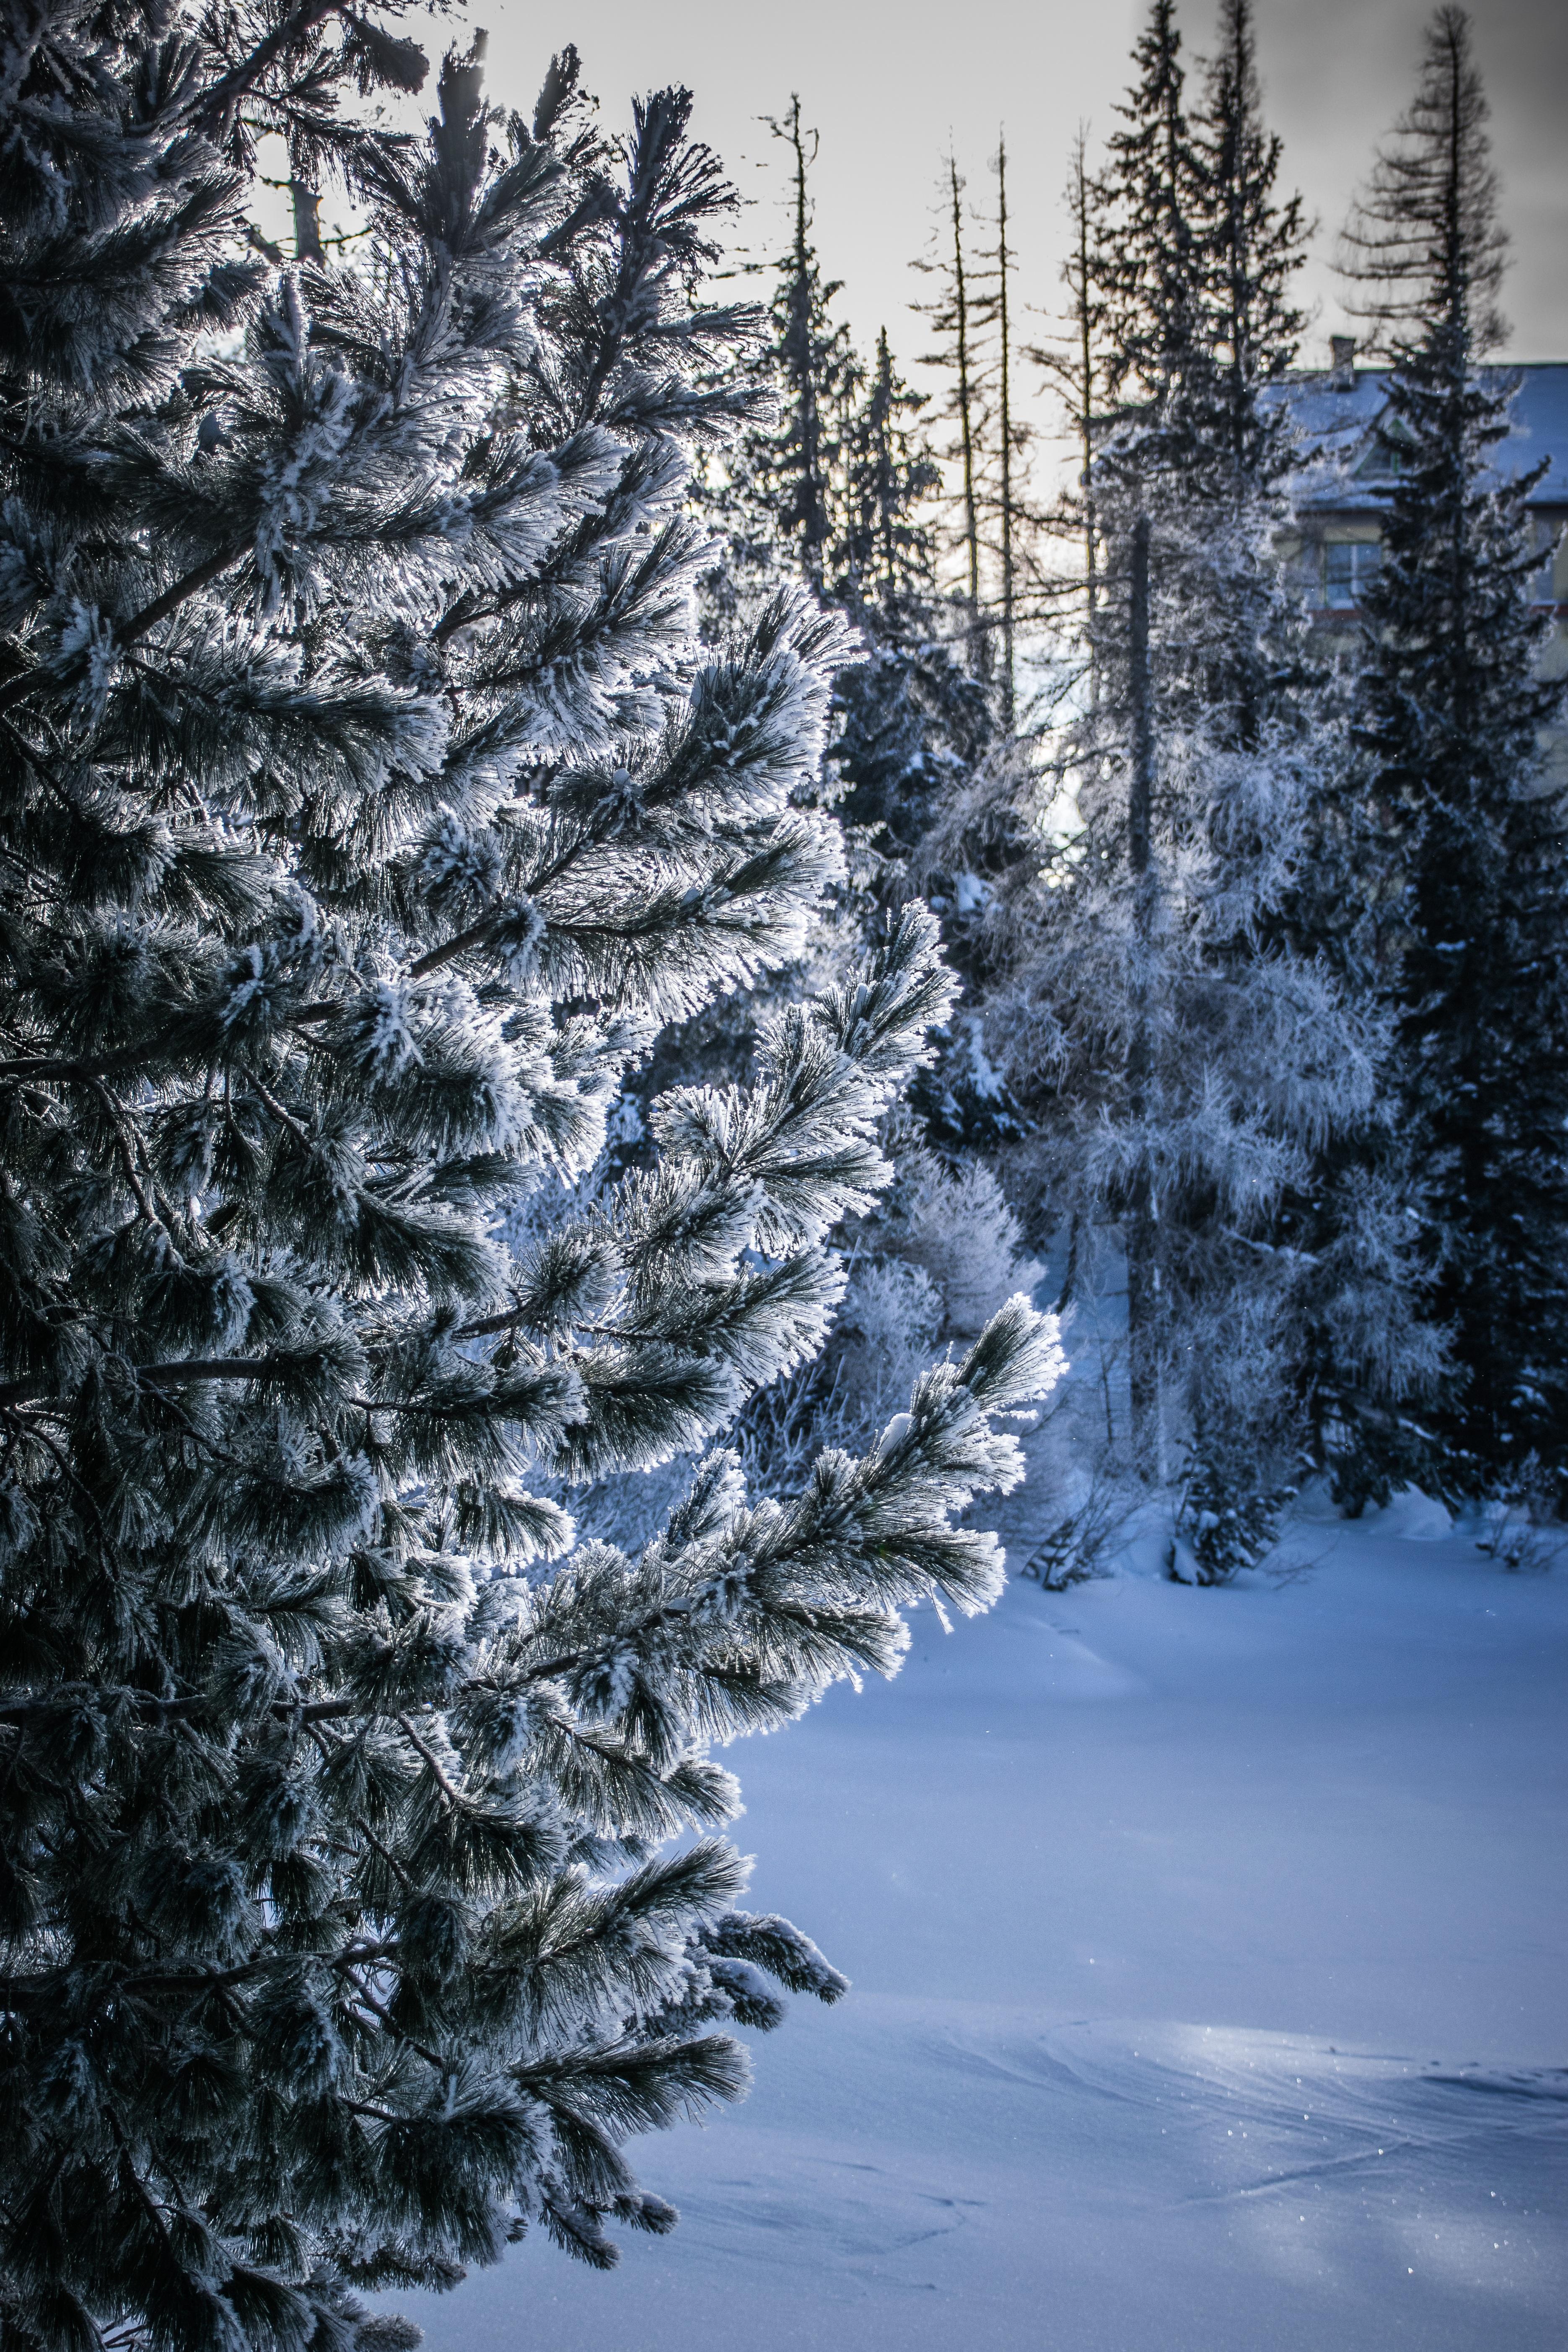 127123 скачать обои Зима, Природа, Снег, Дерево, Иней, Мороз, Заснеженный - заставки и картинки бесплатно